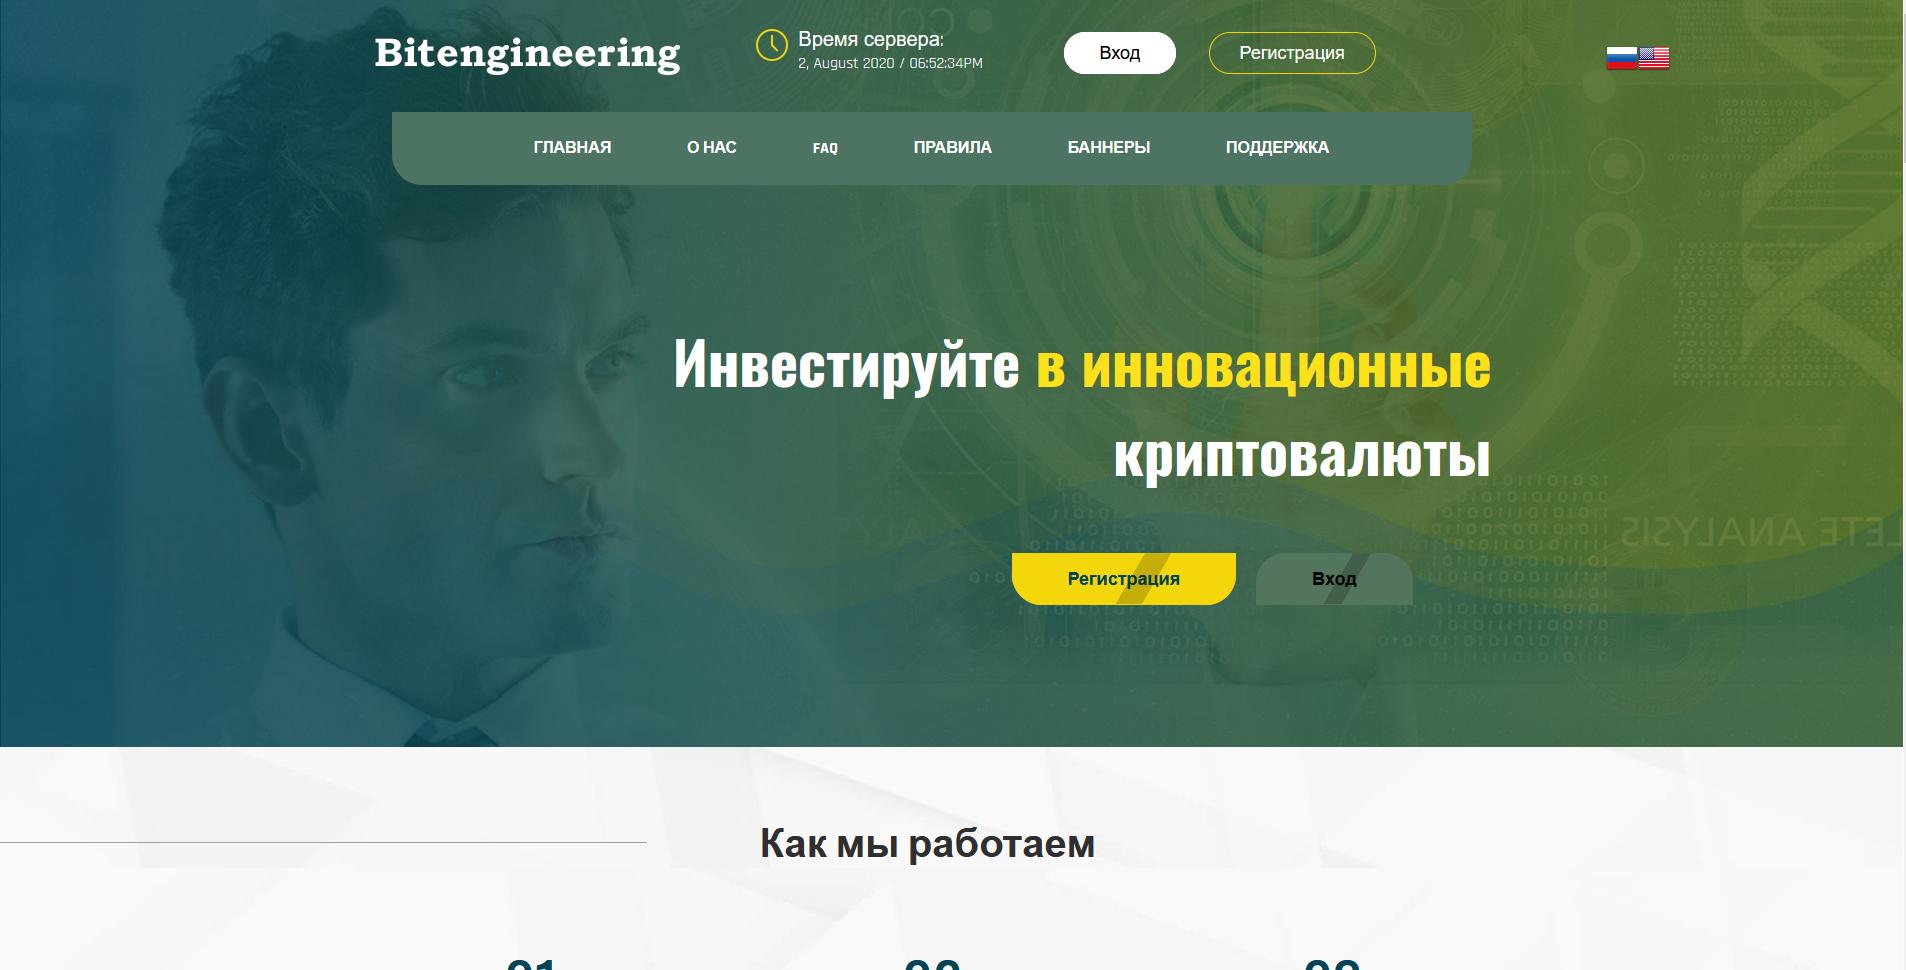 bitengineering - bitengineering.biz